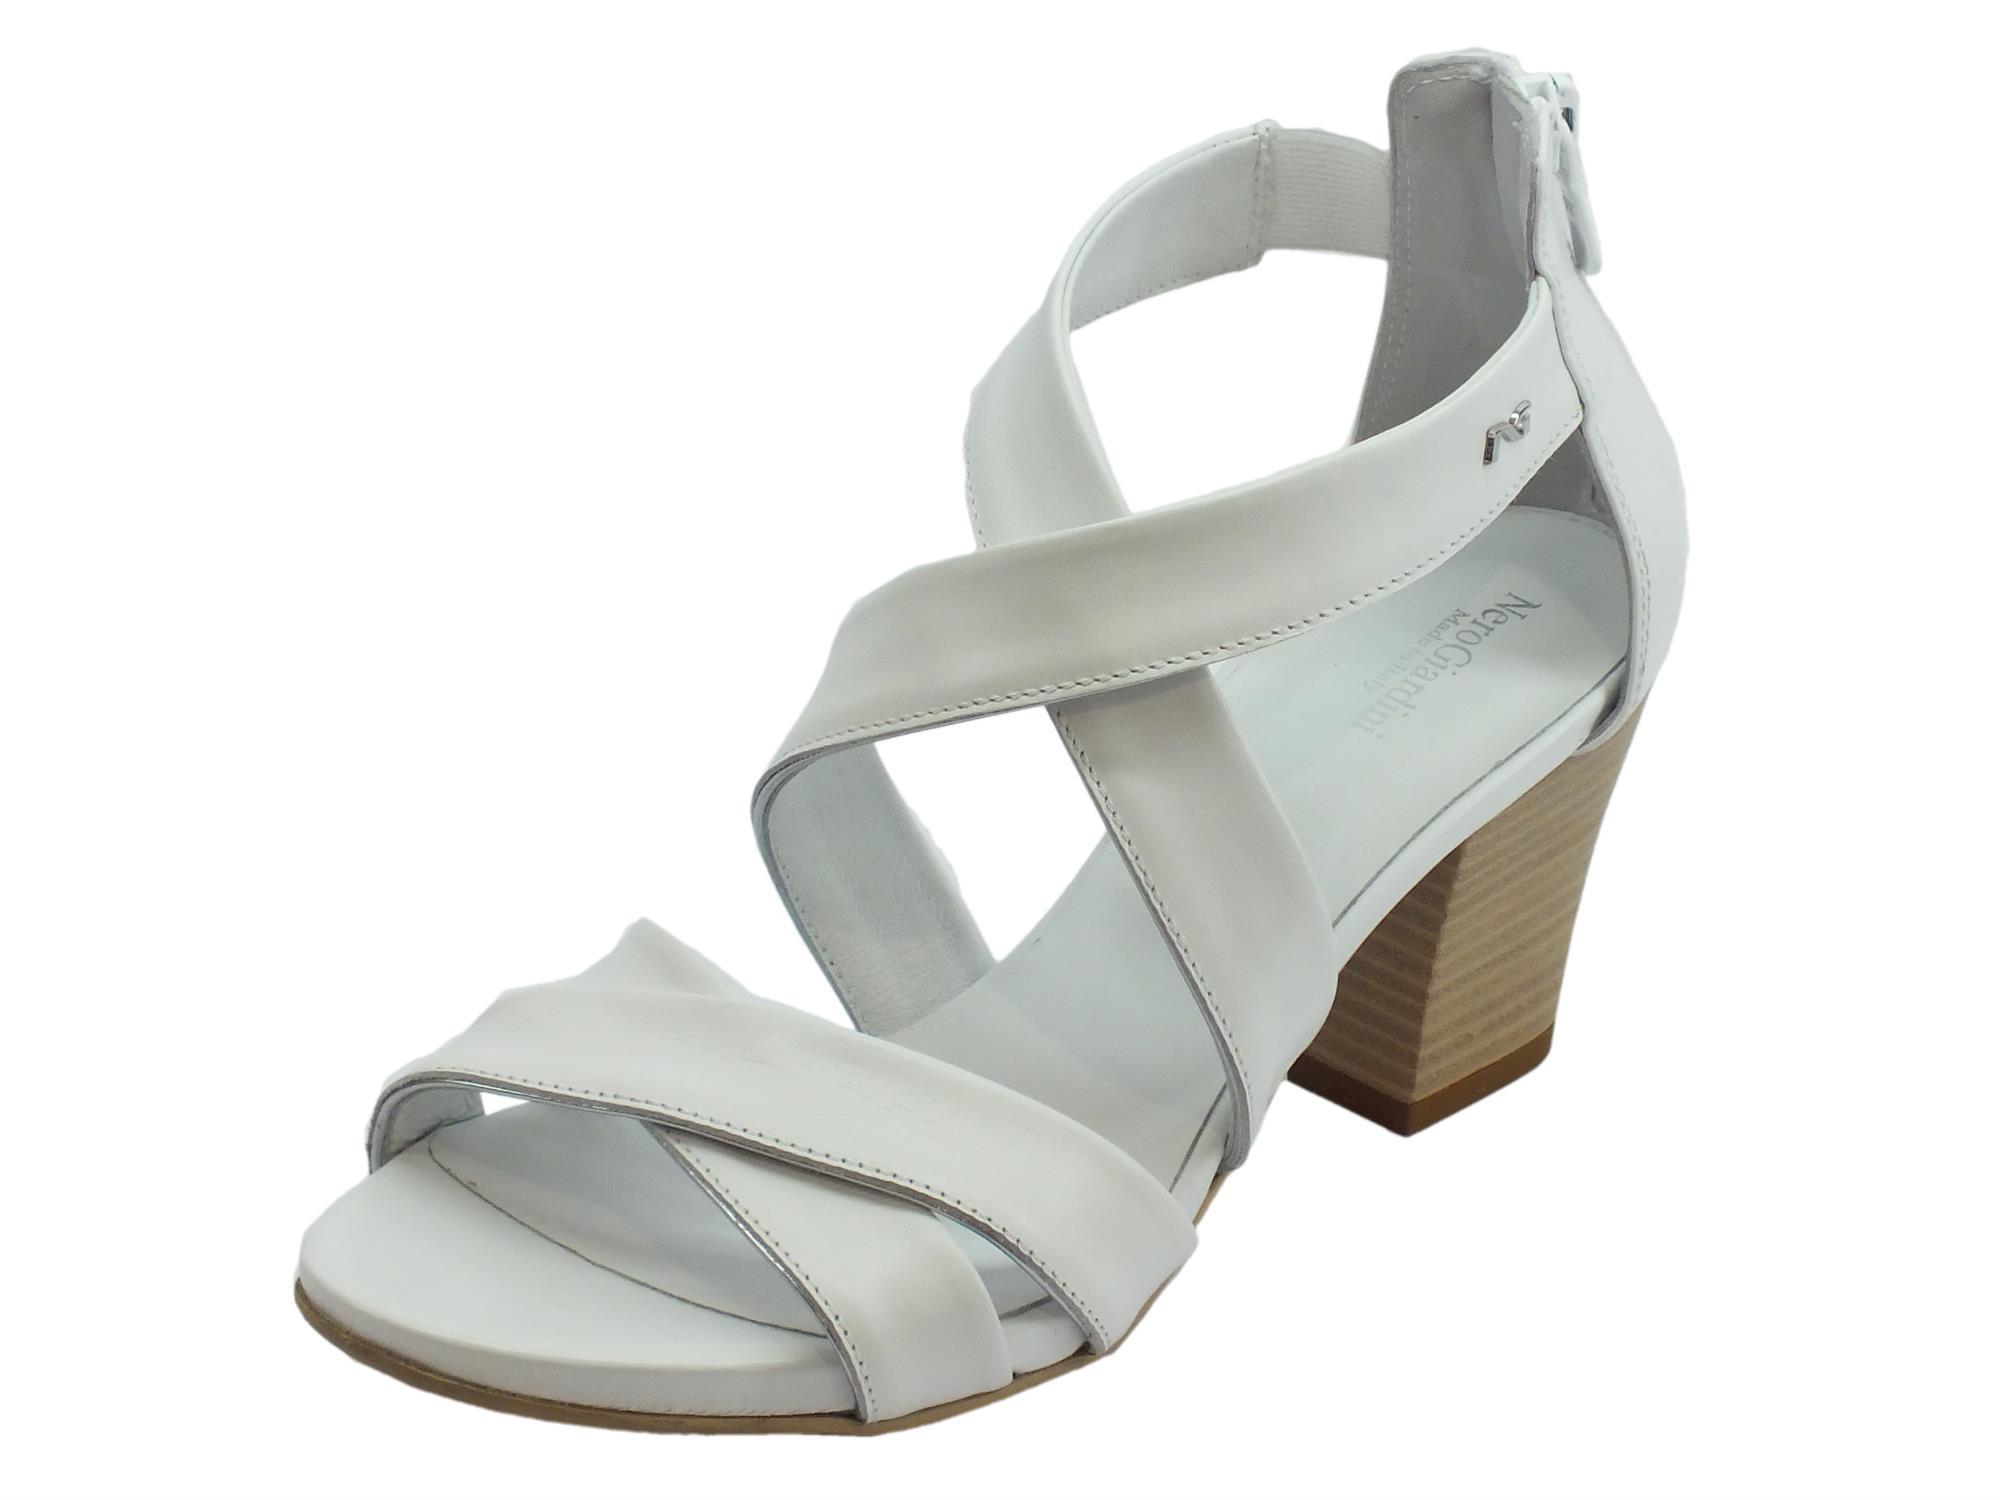 Sandali per donna NeroGiardini in pelle colore bianco lampo posteriore 9b499eb4499